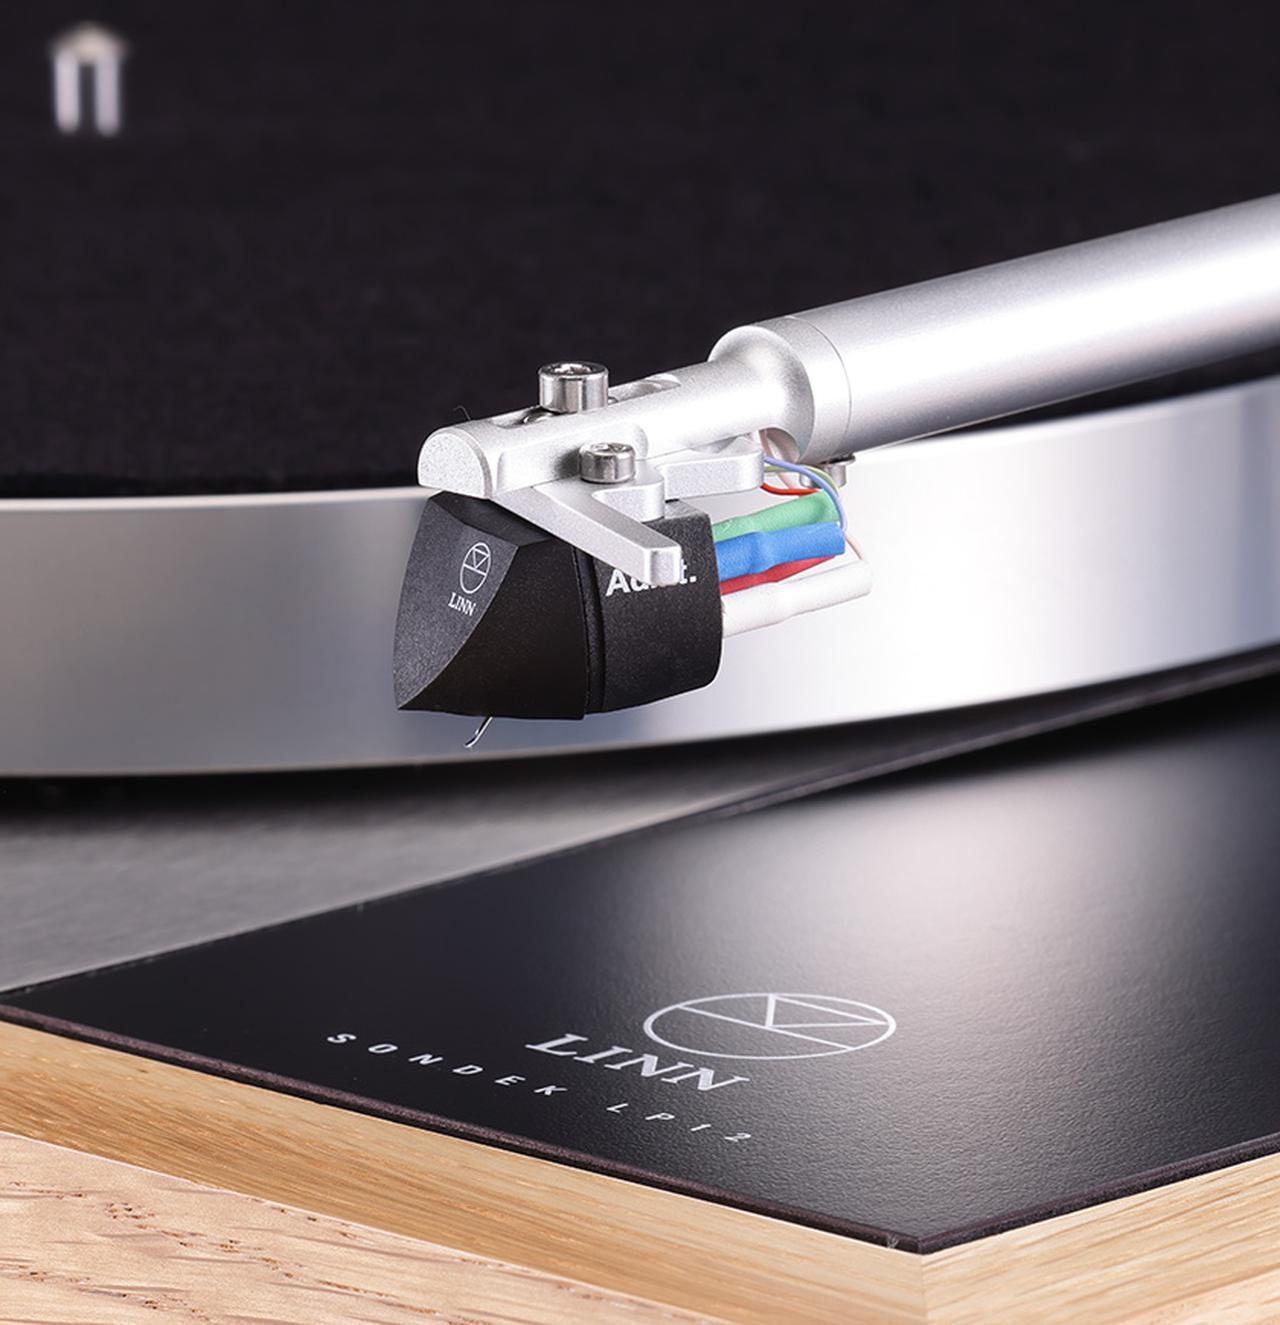 画像: ↑搭載されるカートリッジAdiktはガイガーⅡスタイラス搭載のMM型。英ゴールドリング製で自重7.0g、交換針価格¥22,000(税別)。